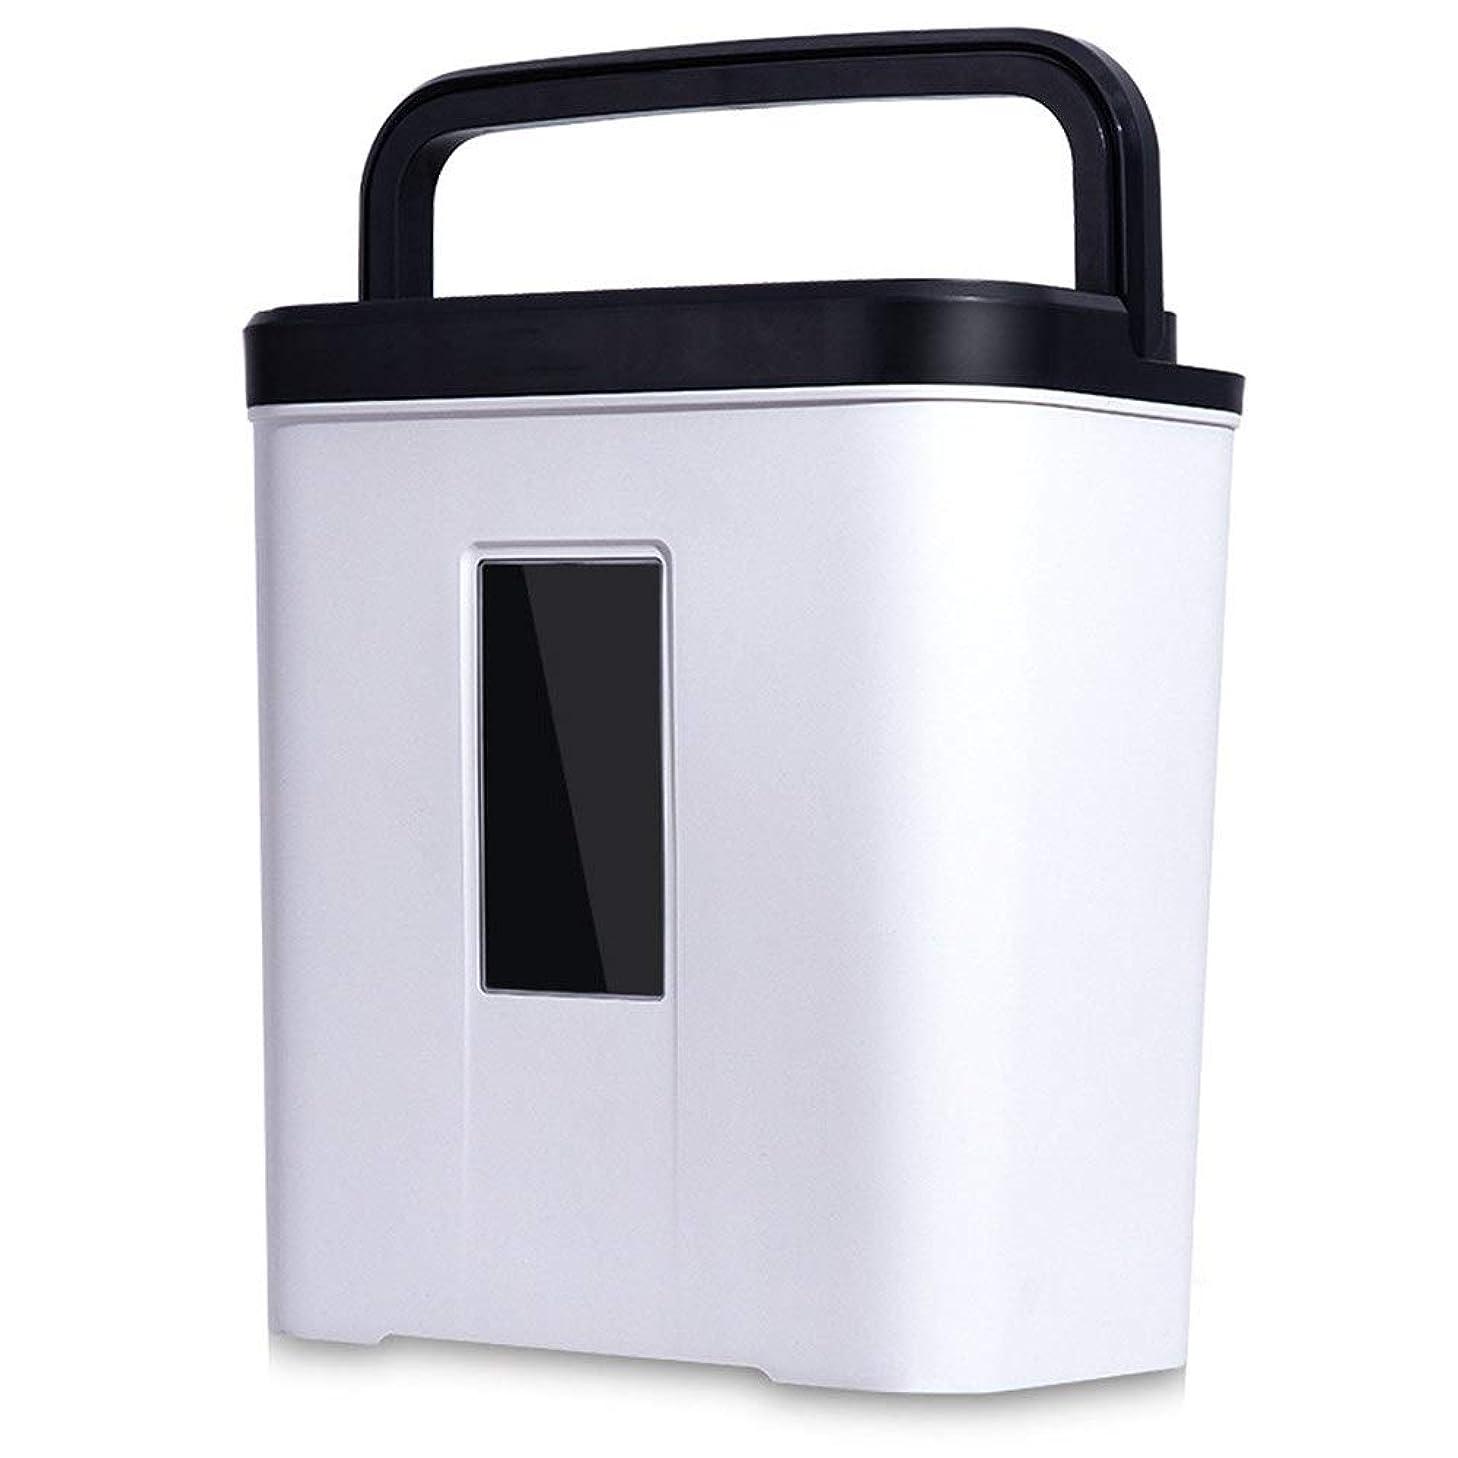 拒否立場役に立たない電気ペーパーシュレッダー大容量ホームオフィス超静かなコンパクト シンプルなオフィスシュレッダー取り外し可能な小容量の自動シュレッダー (色 : White, Size : 32x20x35cm)